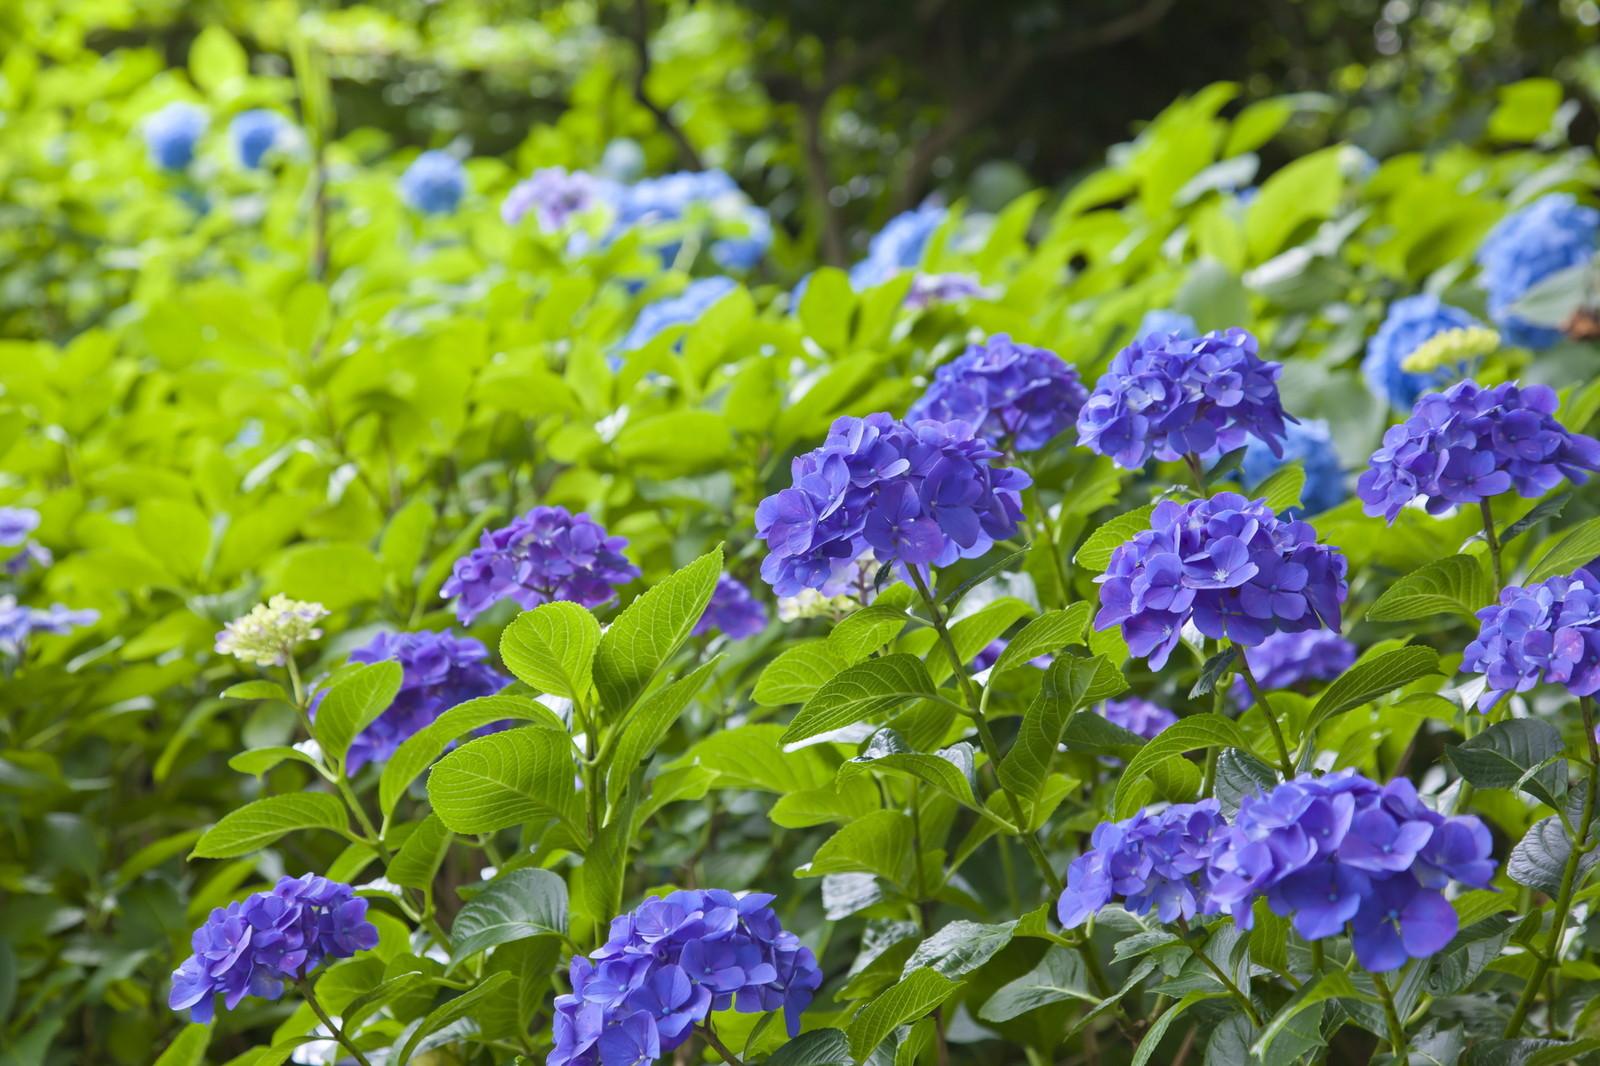 としまえんにある紫陽花